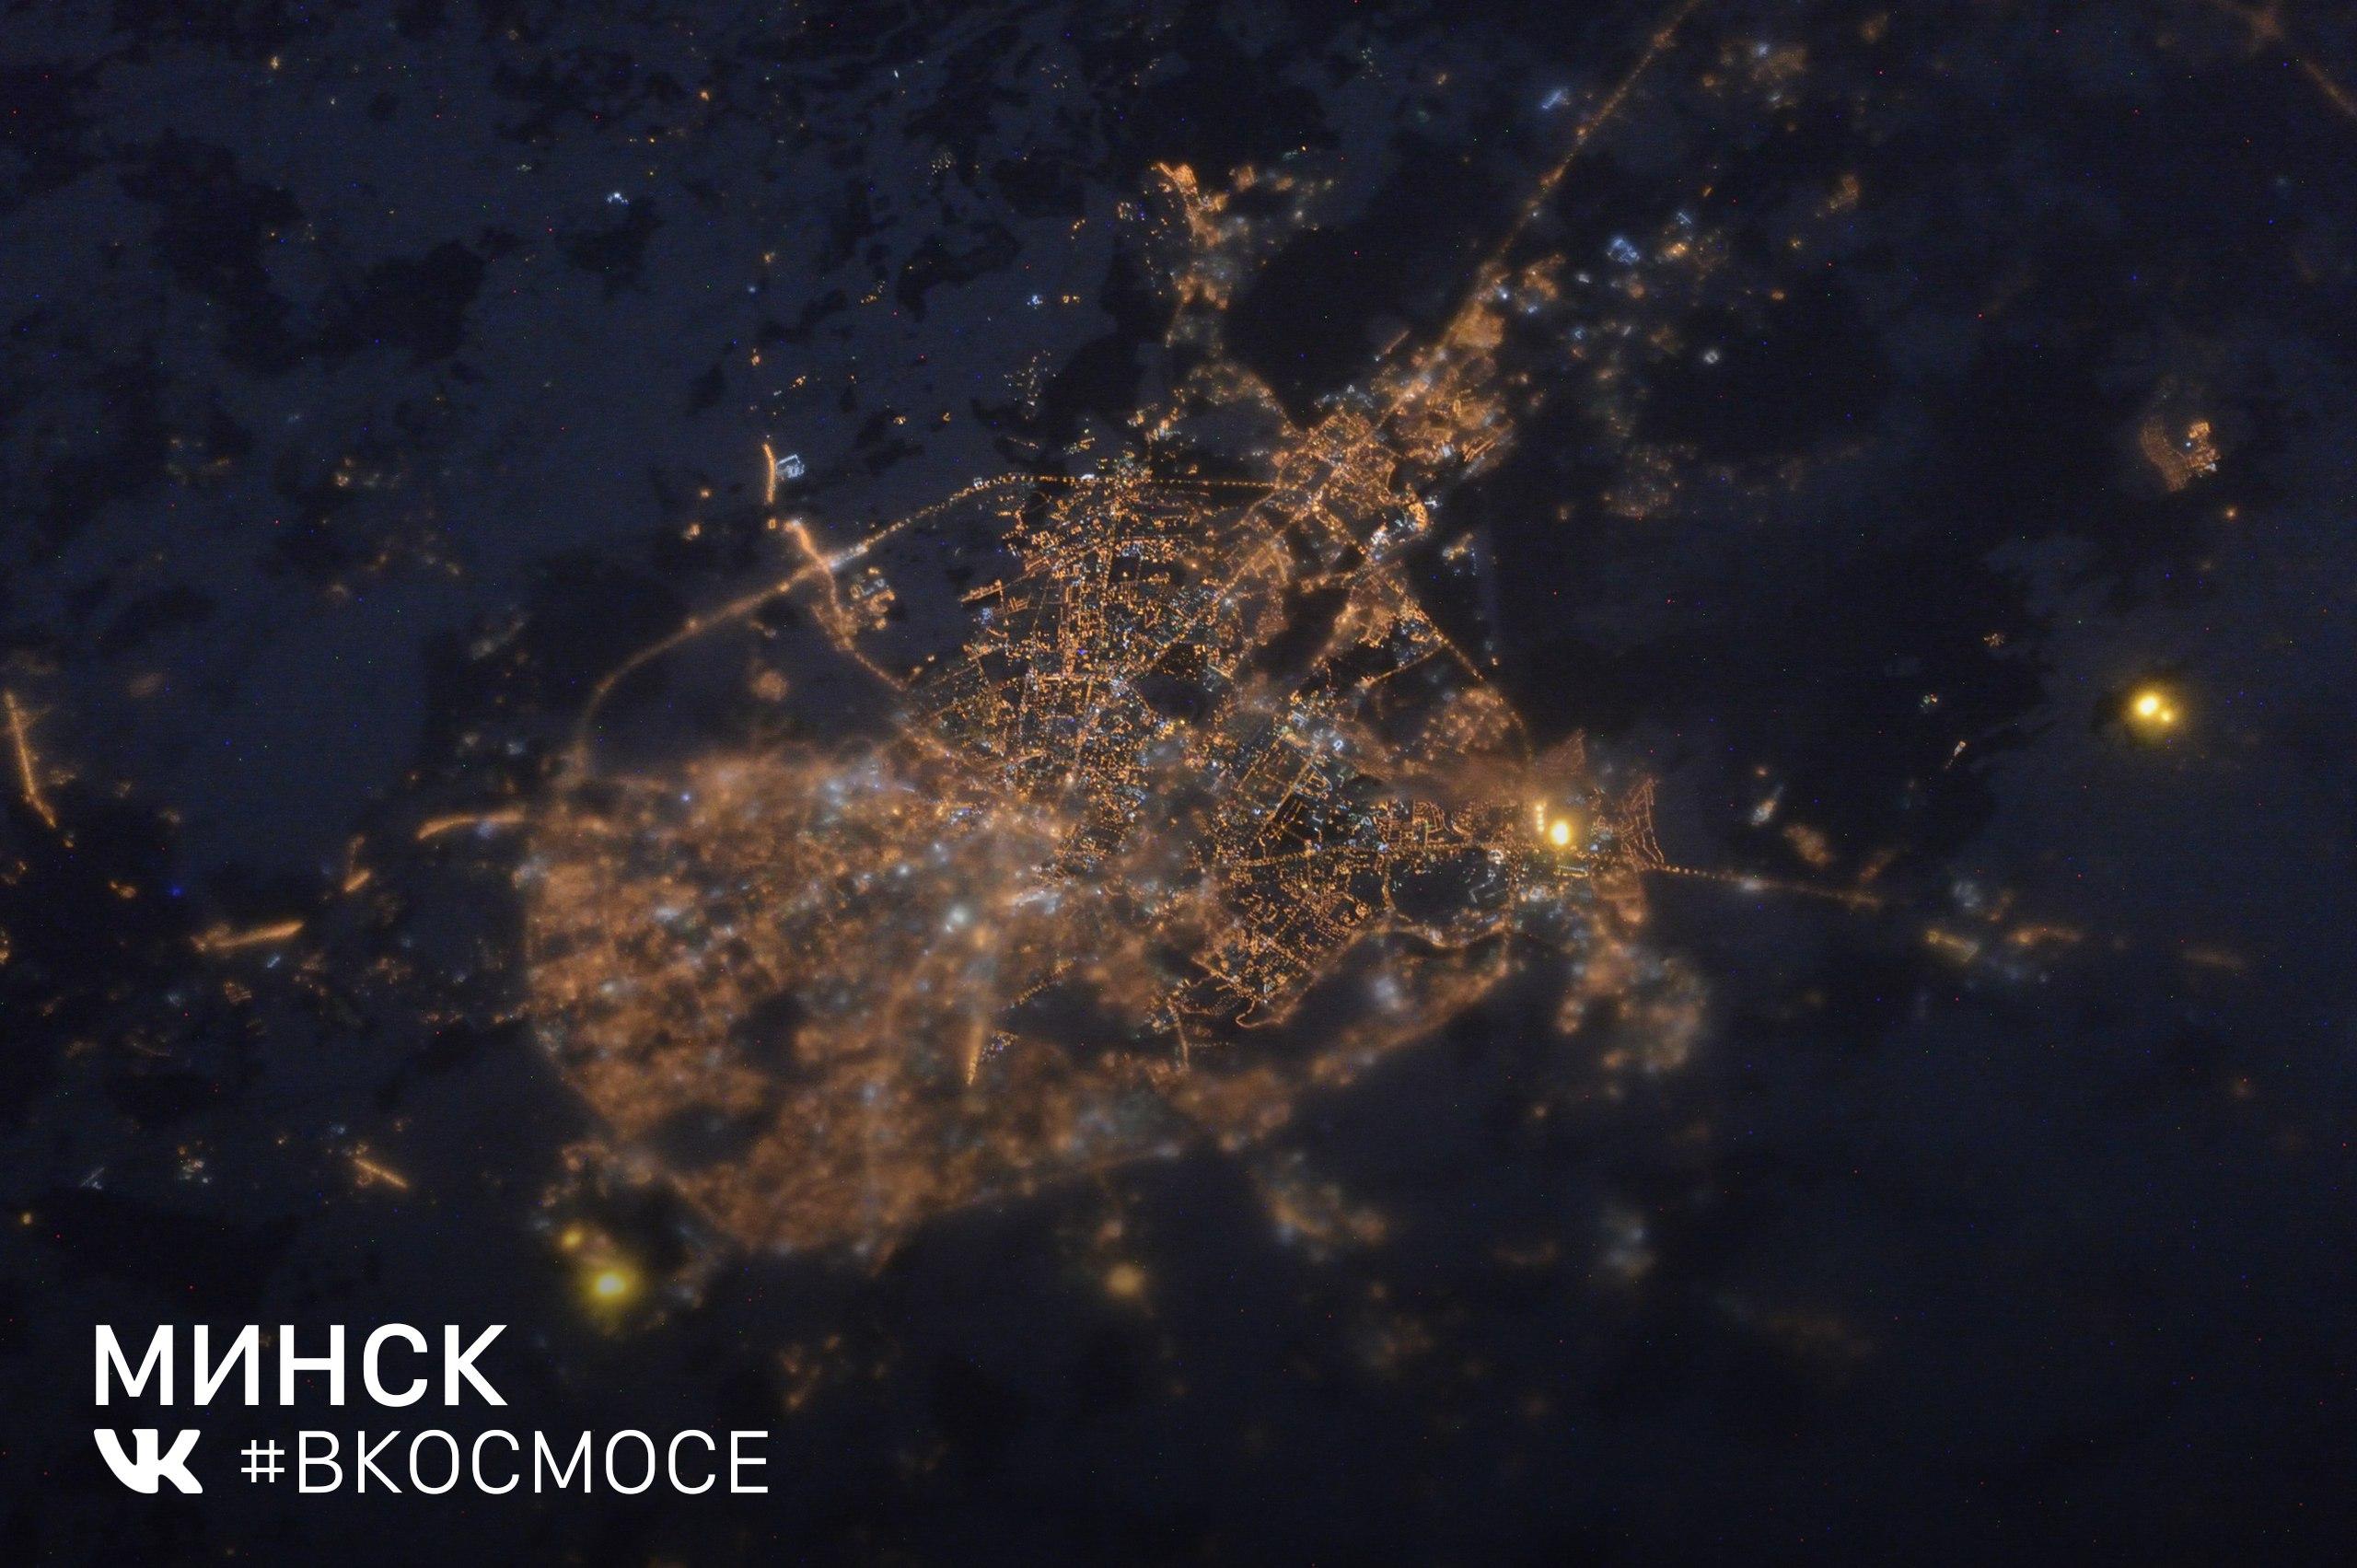 Фото: космонавт Сергей Волков / Роскосмос